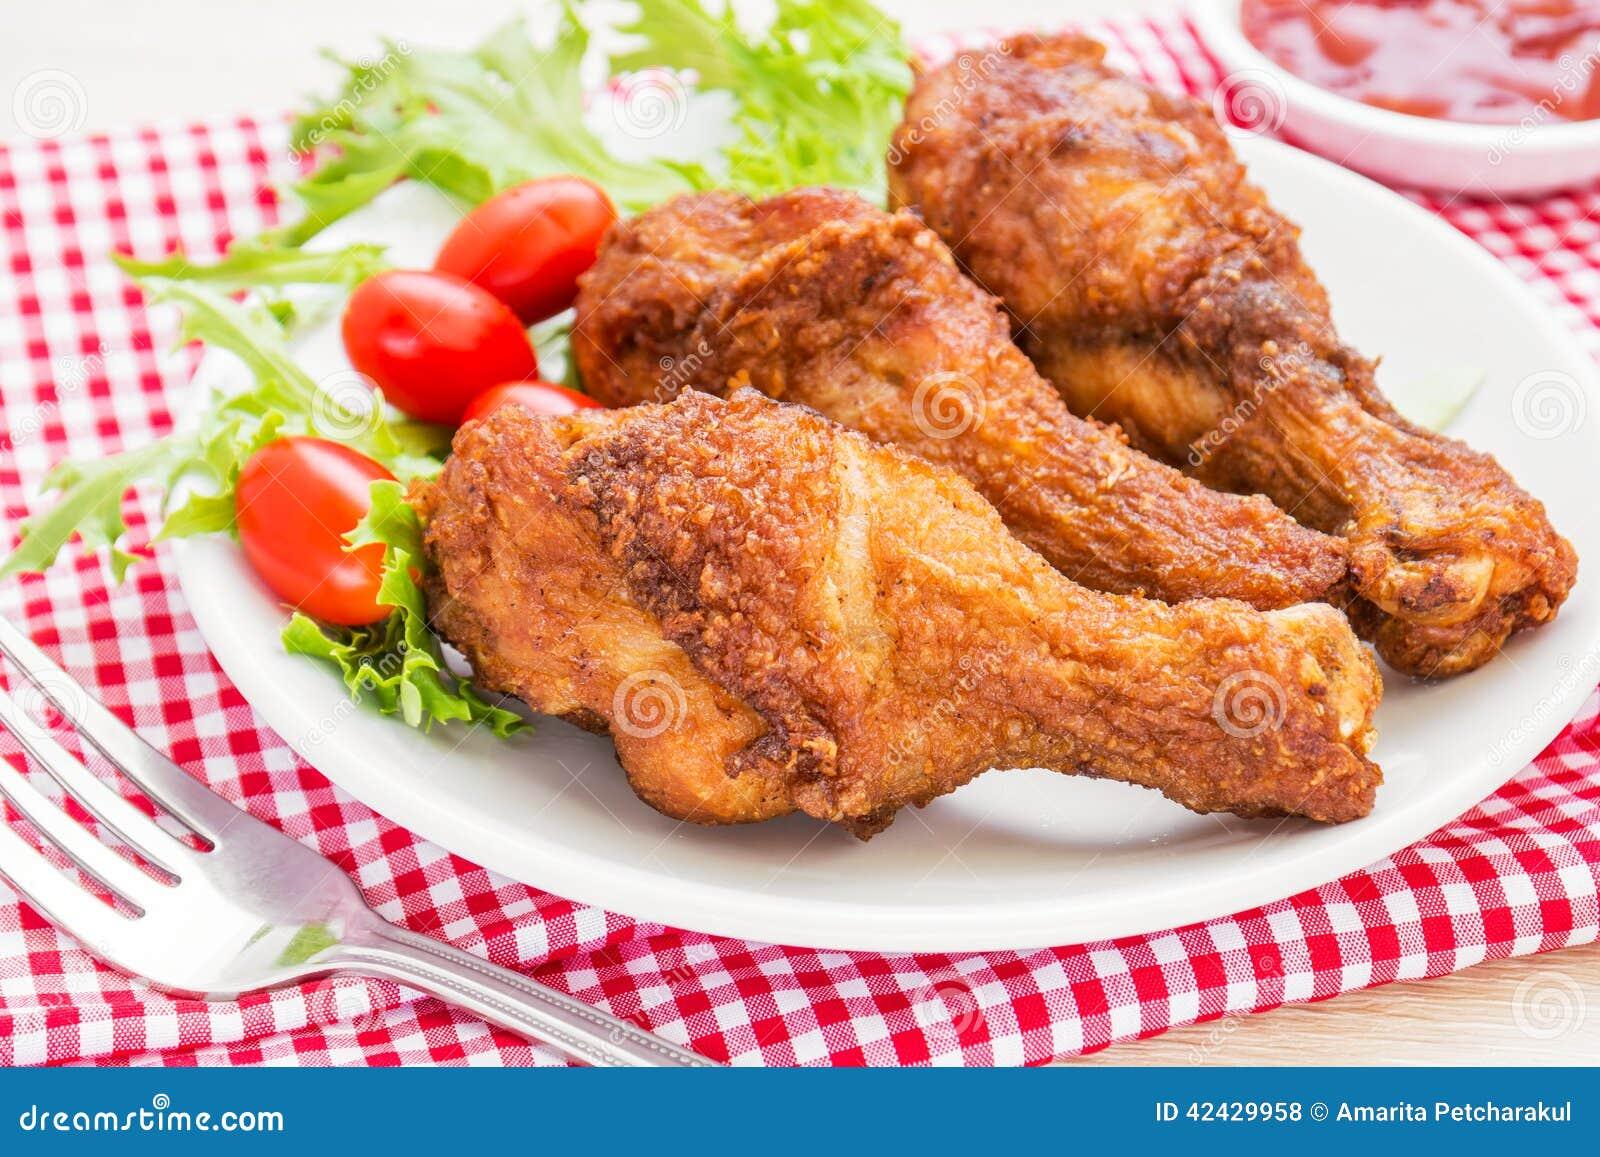 Pollo frito y salsa de tomate